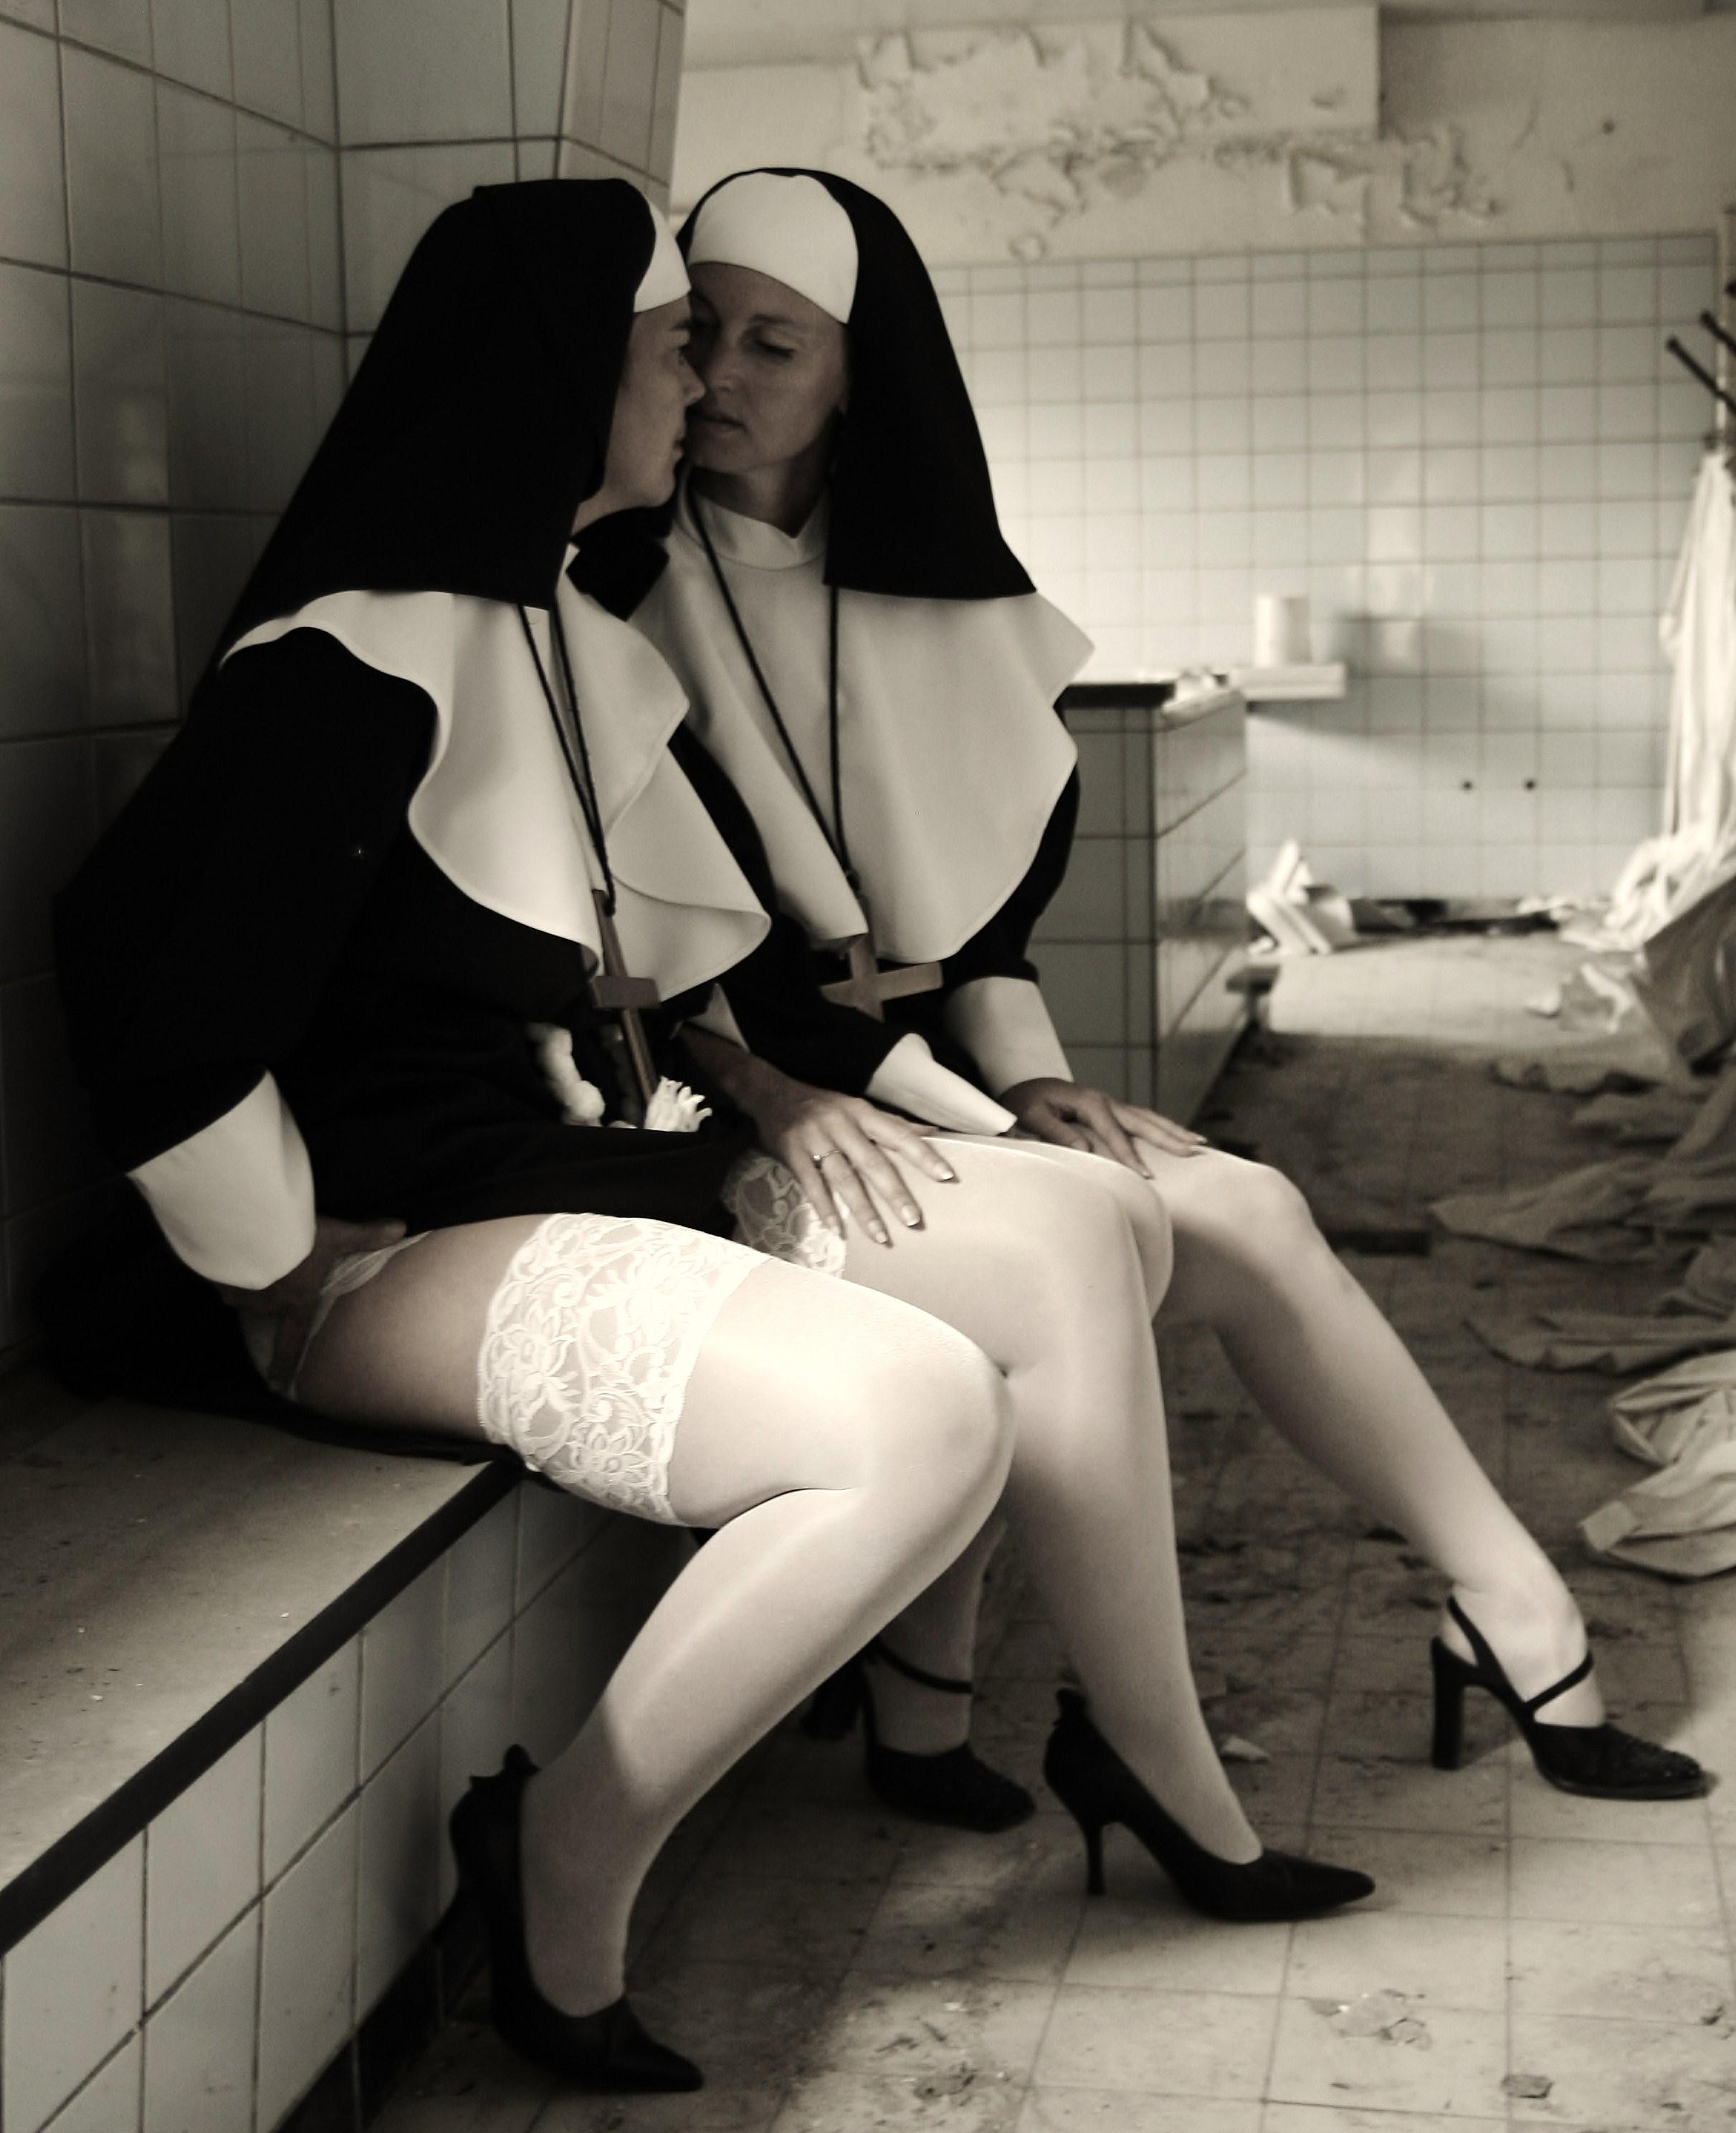 Bizarre Latex Nun Dominates Submissive Pupett